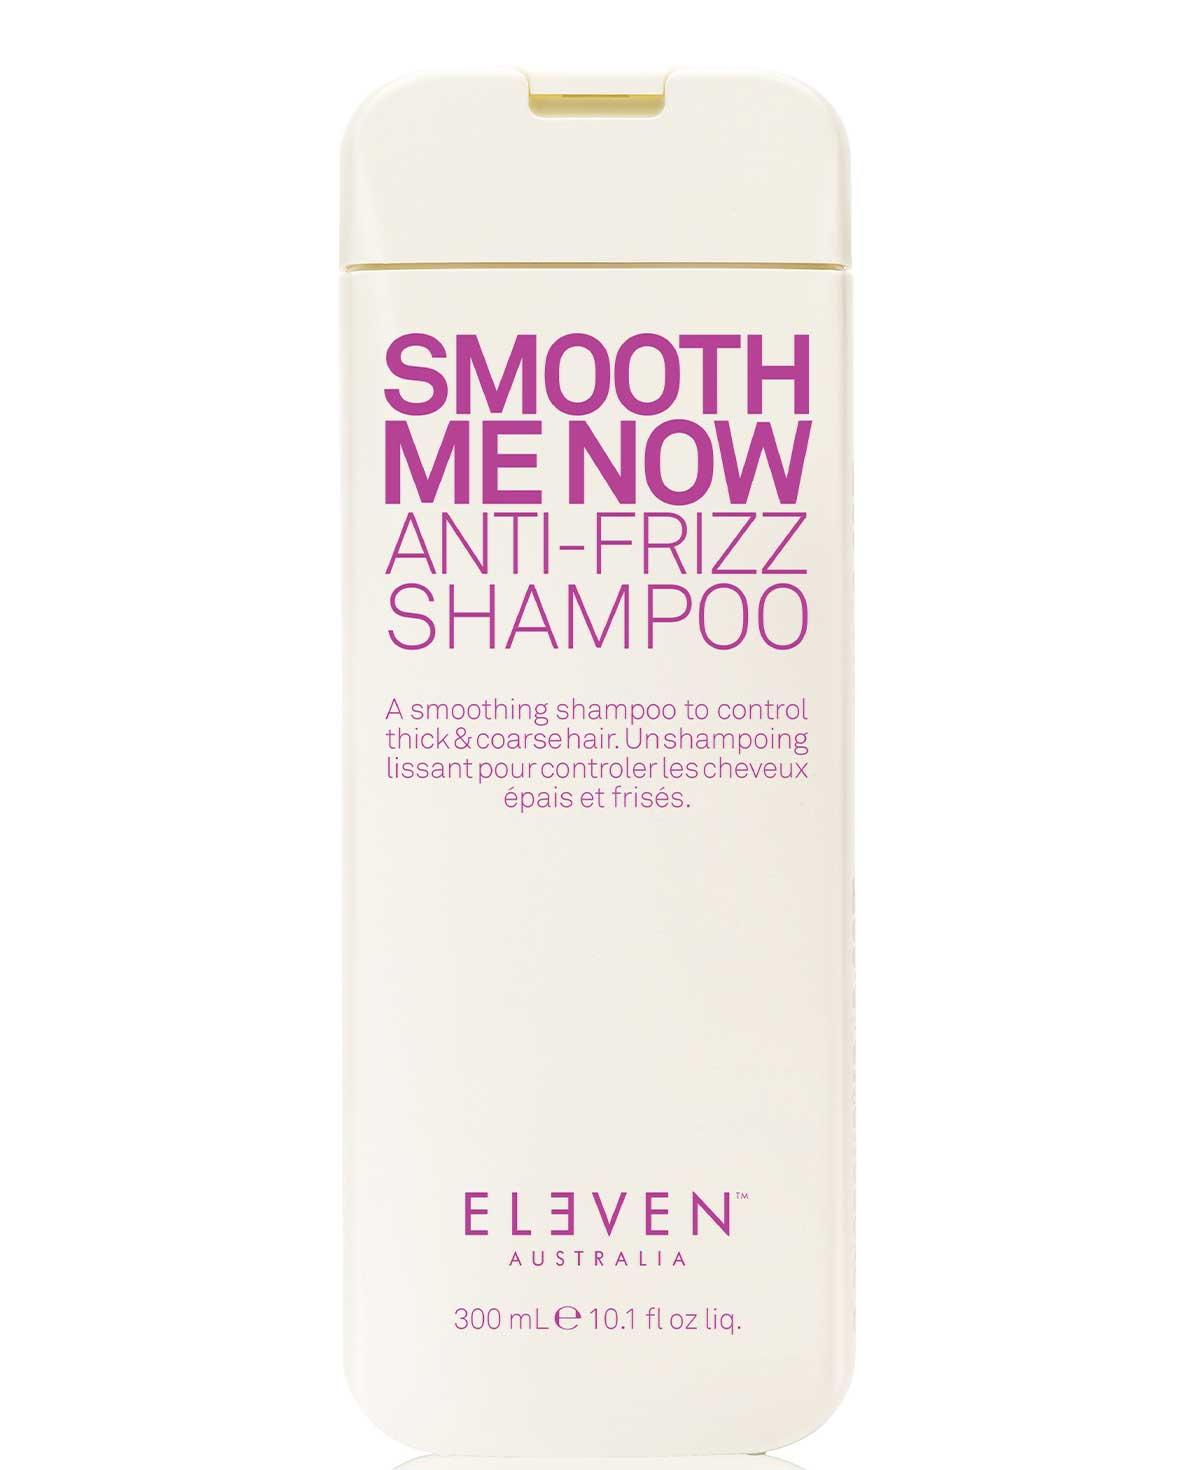 Eleven Smooth Me Now Anti-Frizz Shampoo 300ml